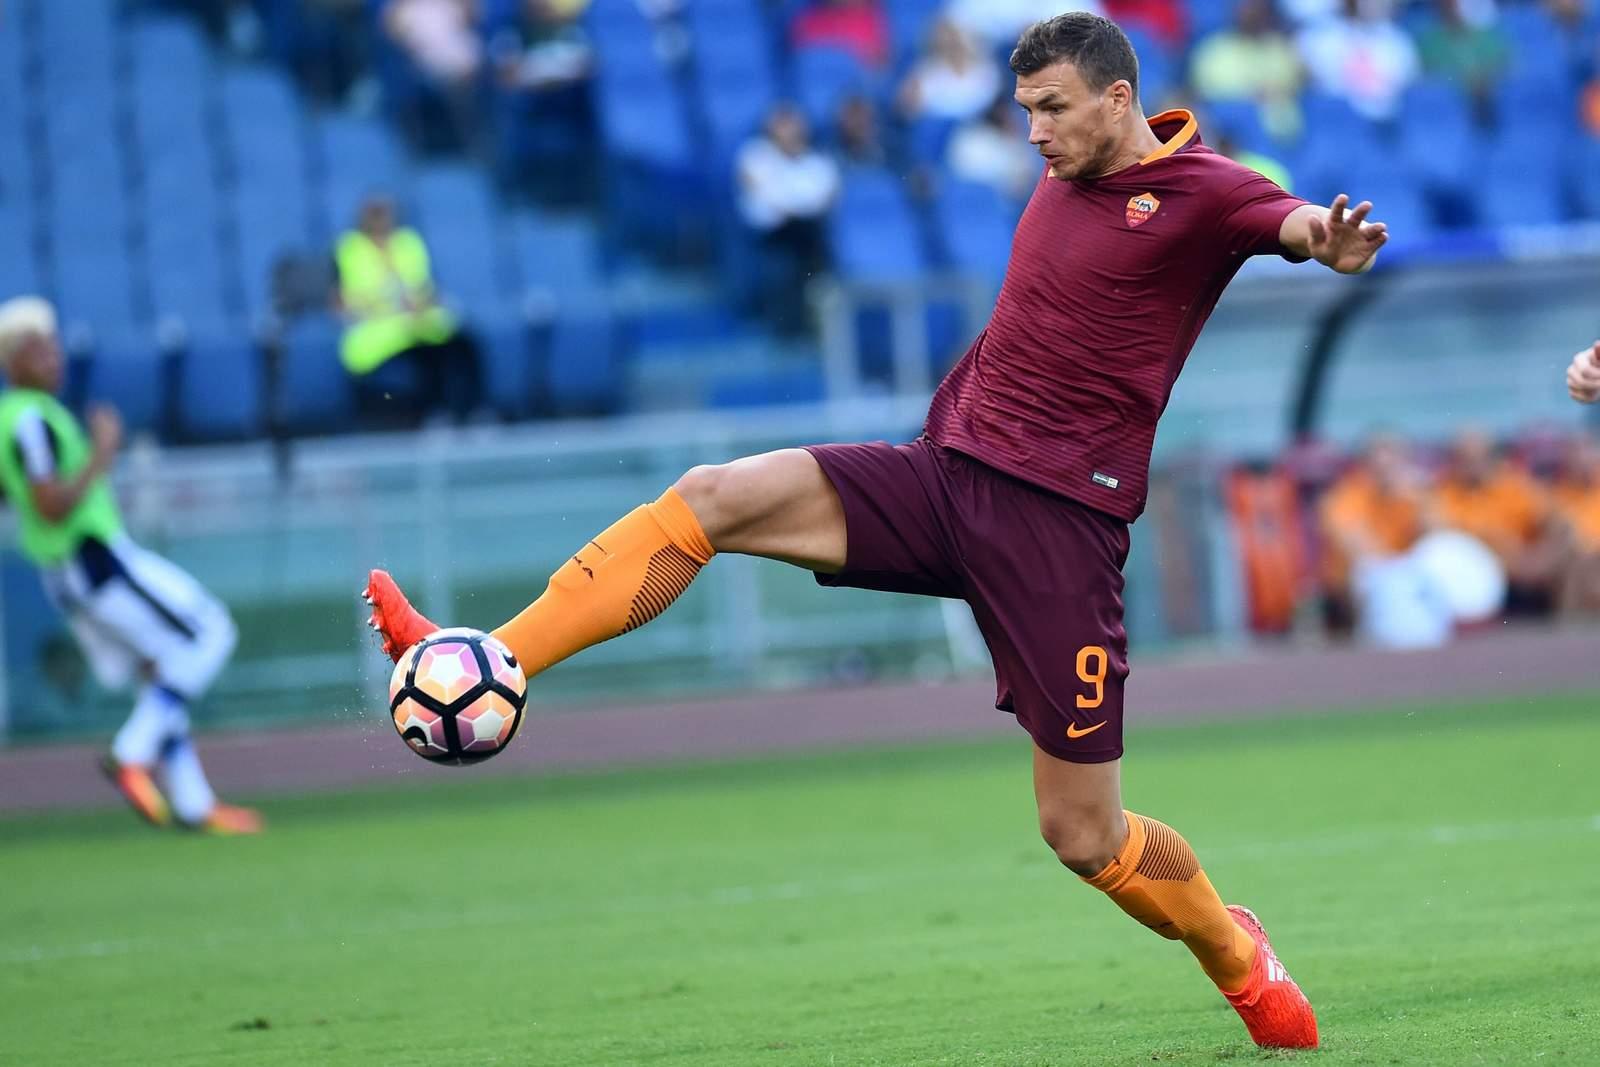 Edin Dzeko will den Ball über die Linie drücken. Jetzt auf Austria Wien gegen AS Roma wetten!